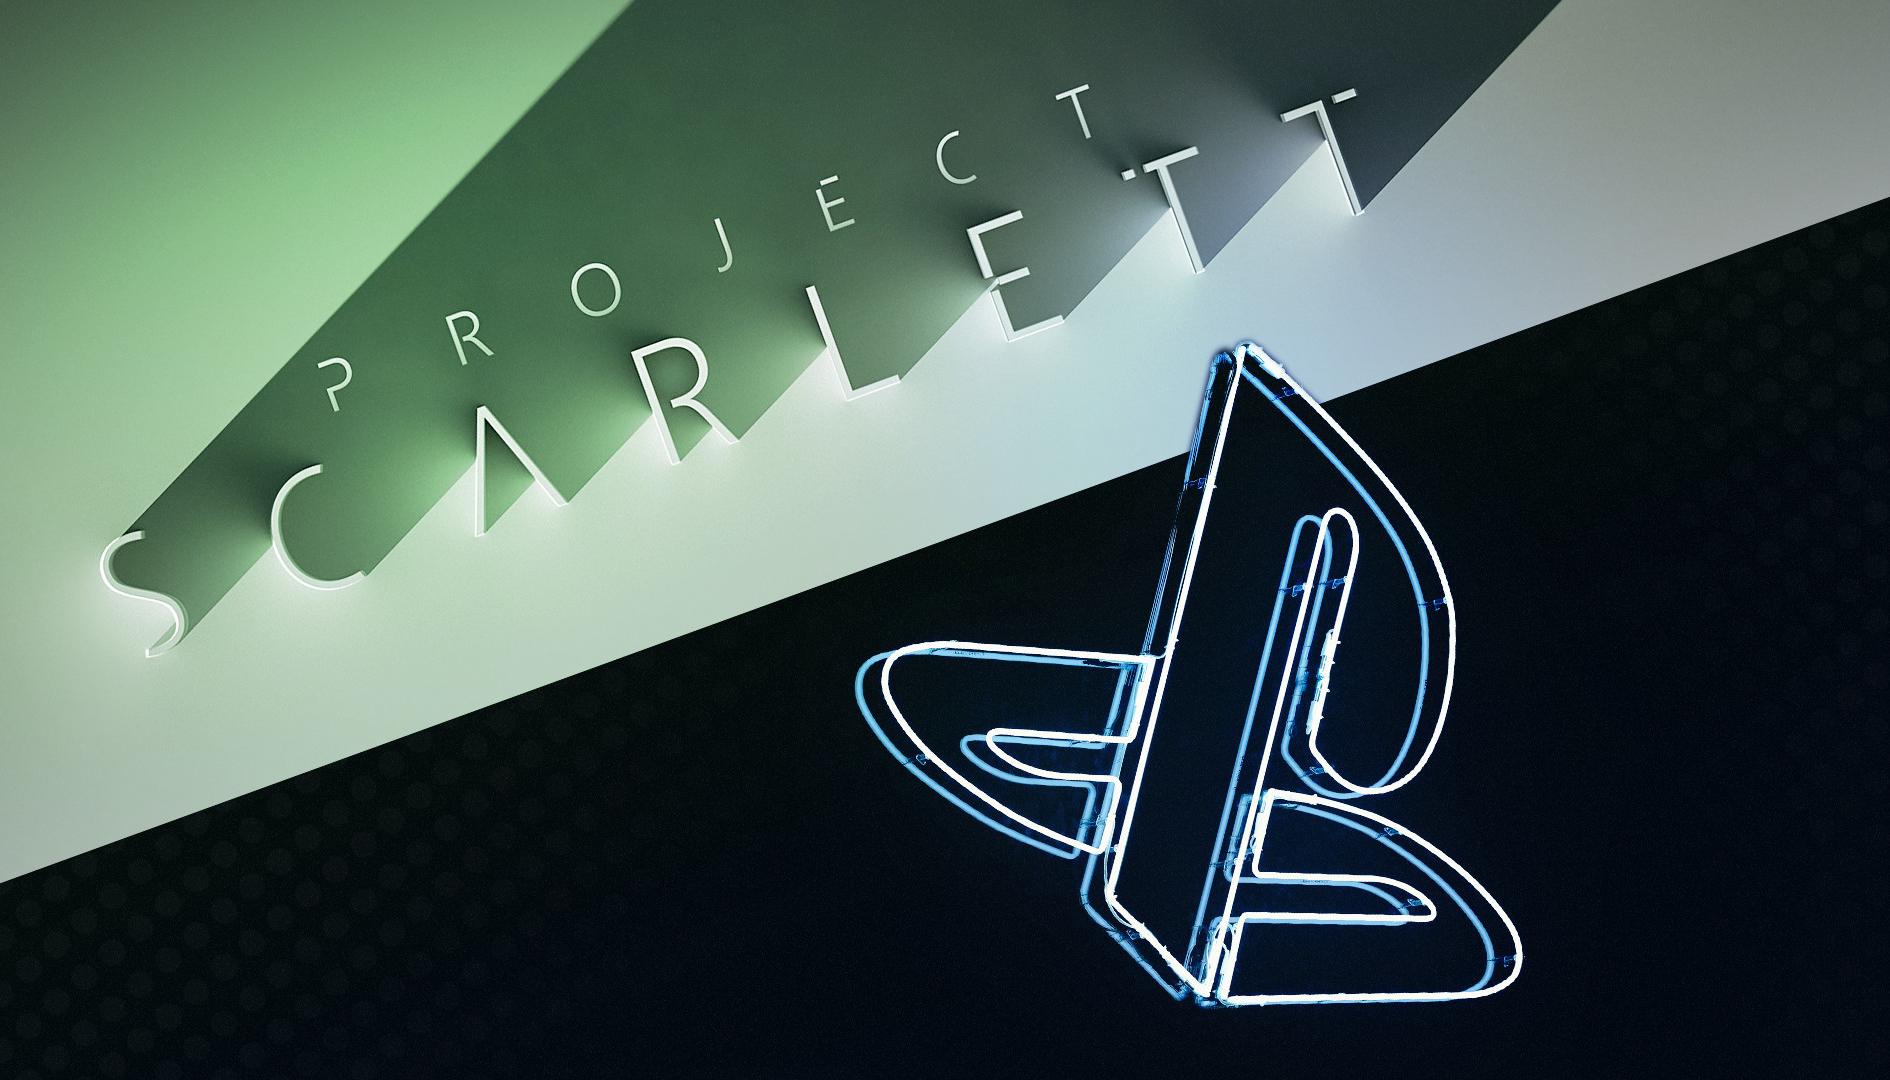 PS5 e Xbox Scarlett: Crytek è ammaliata dalle nuove console